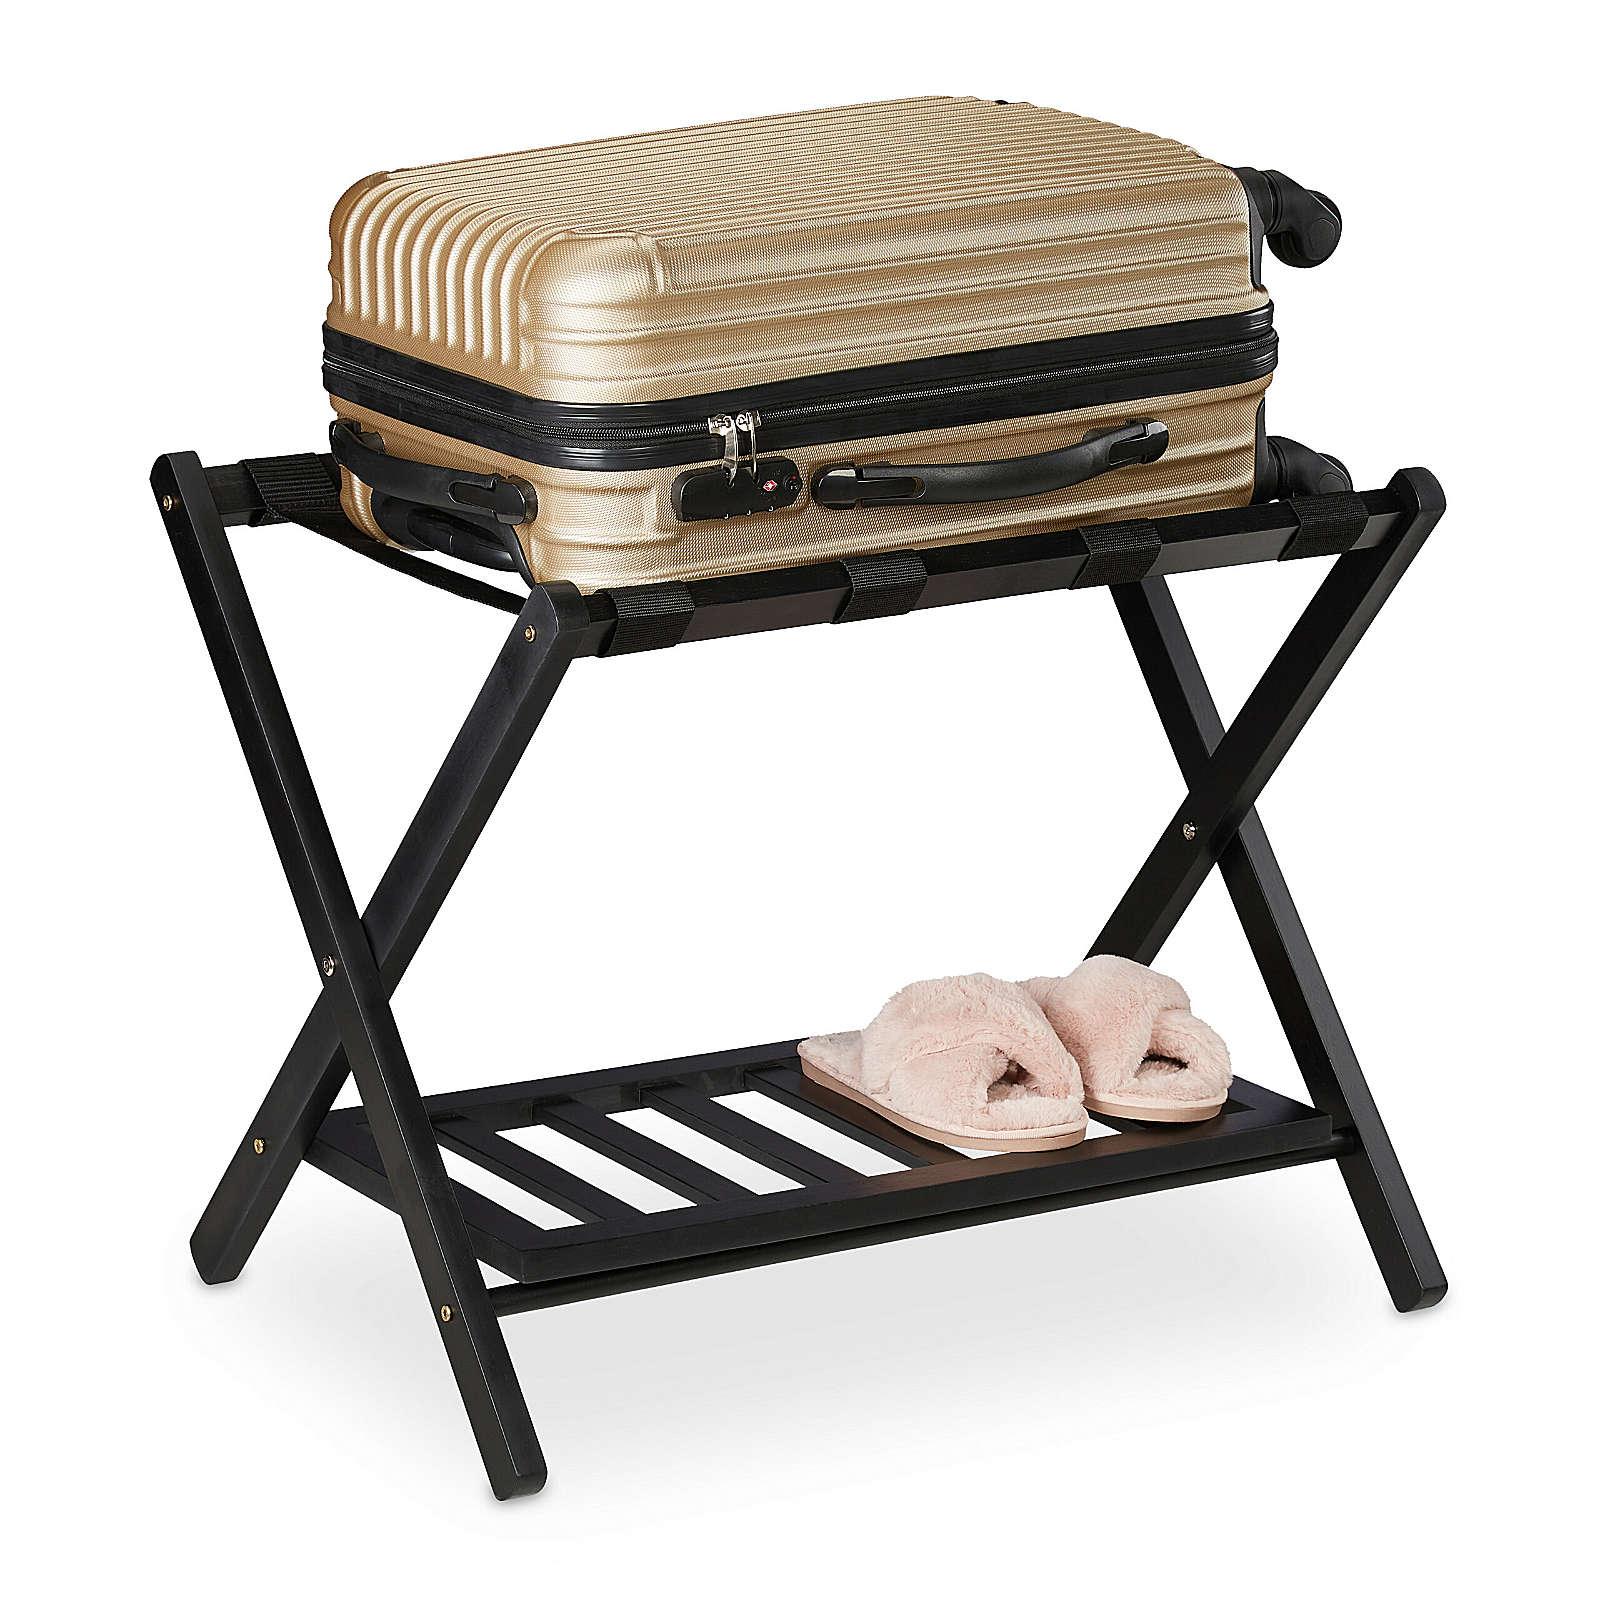 relaxdays Kofferständer klappbar mit 2 Ablagen schwarz